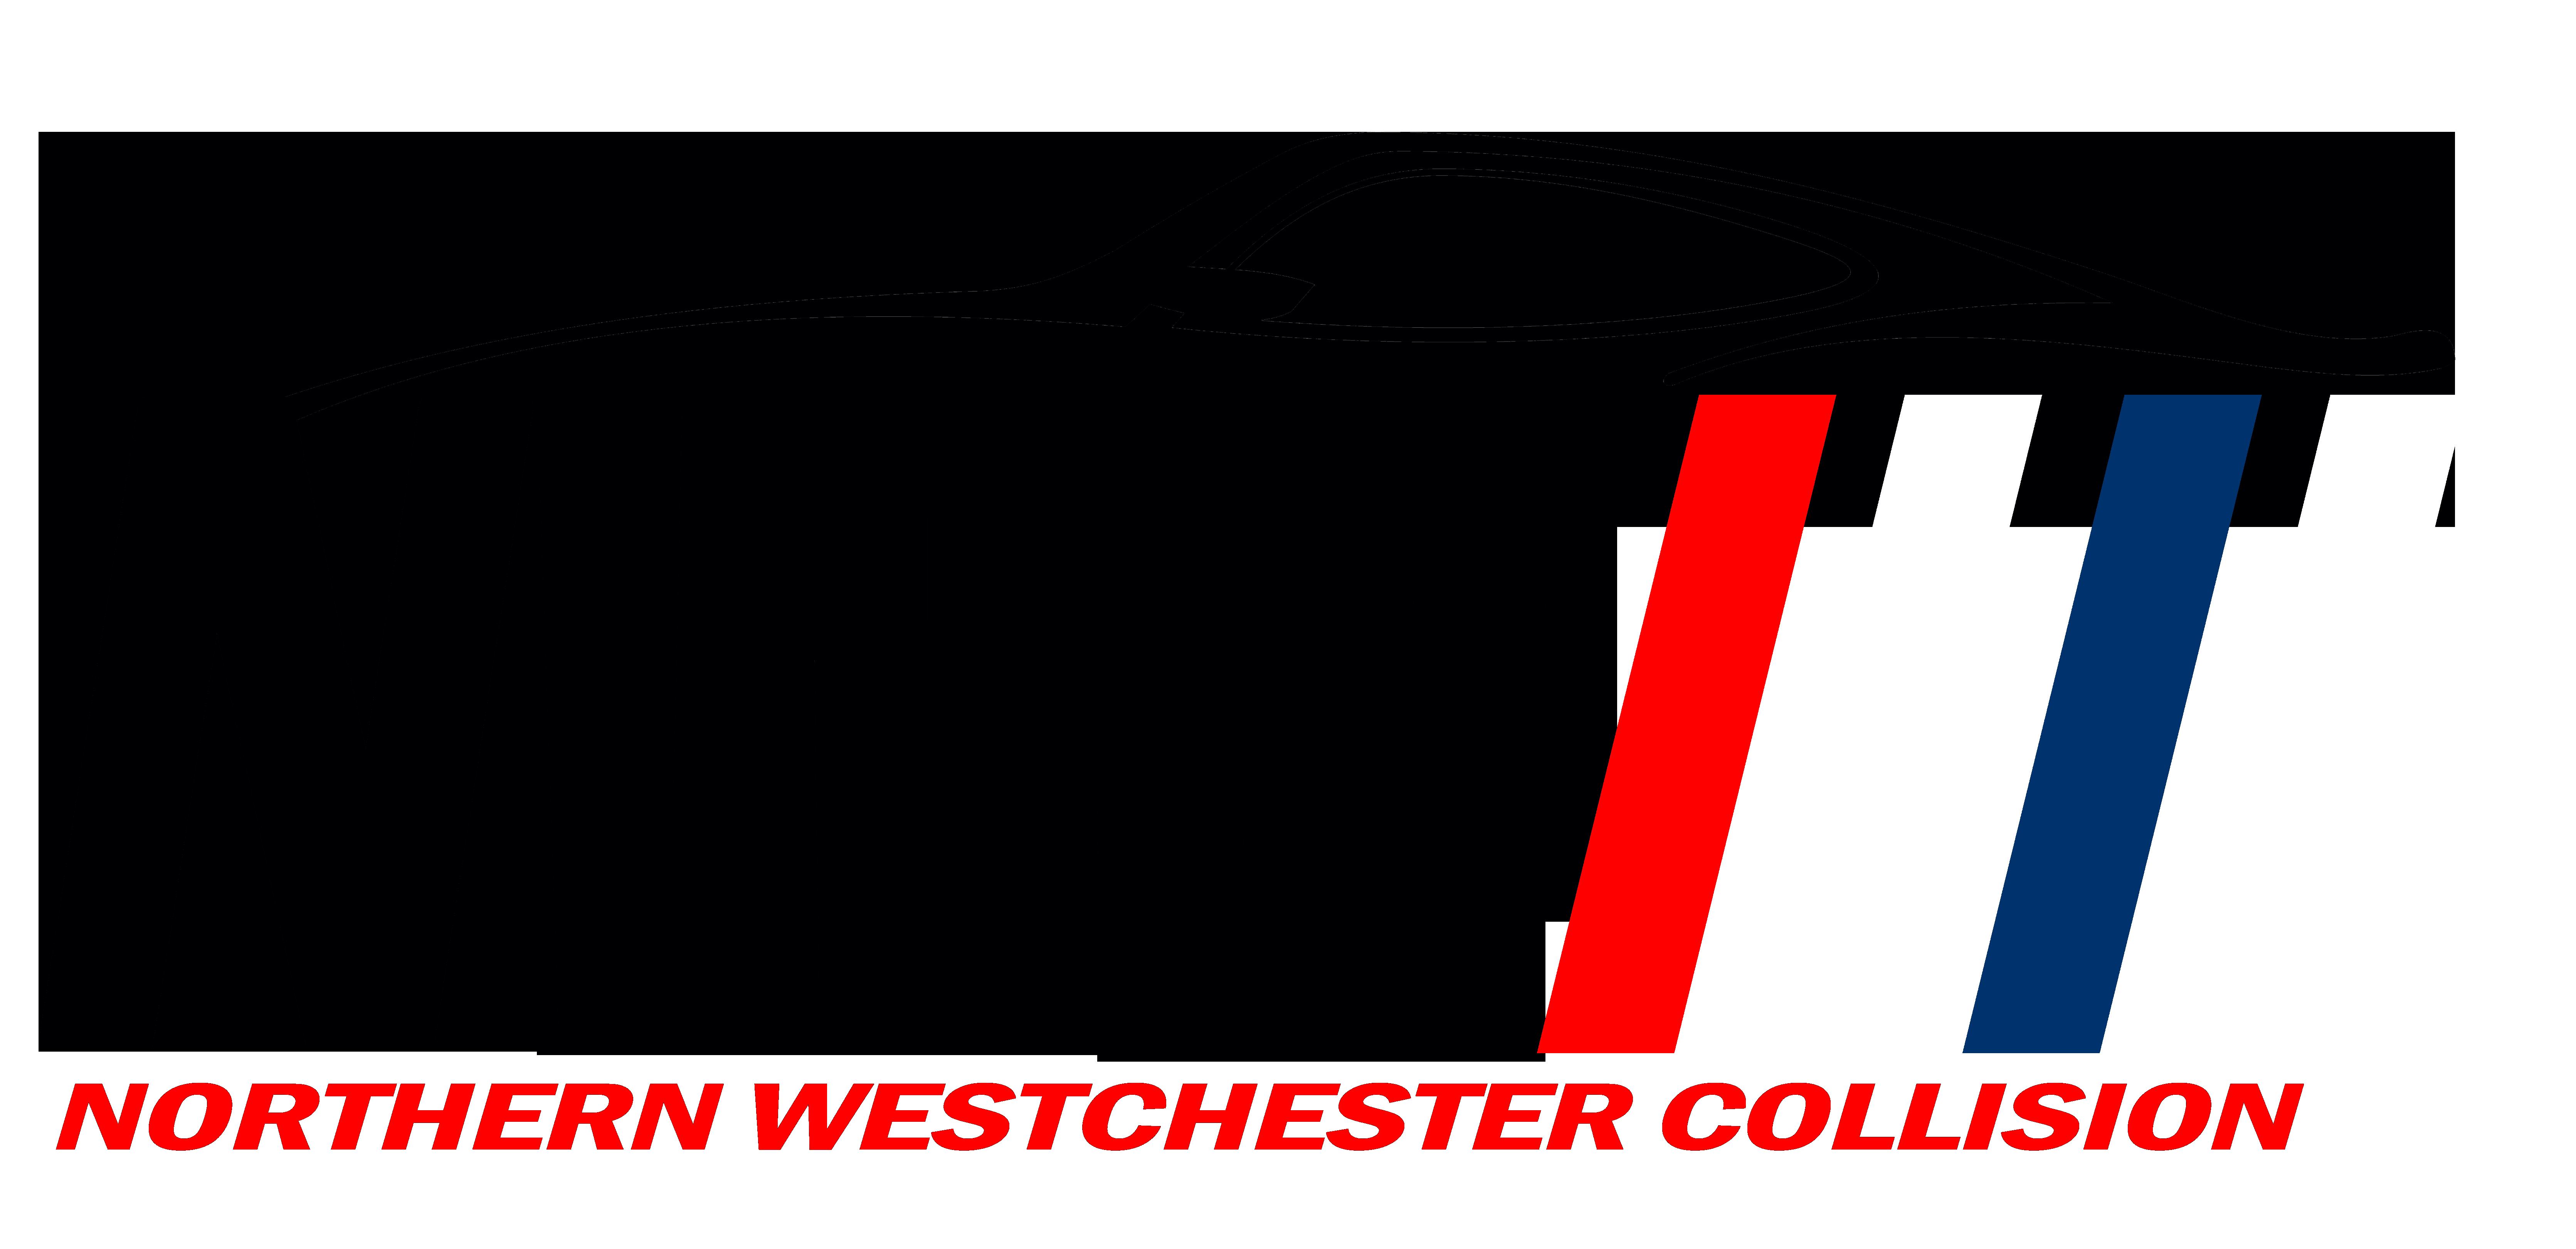 Northern Westchester Collision